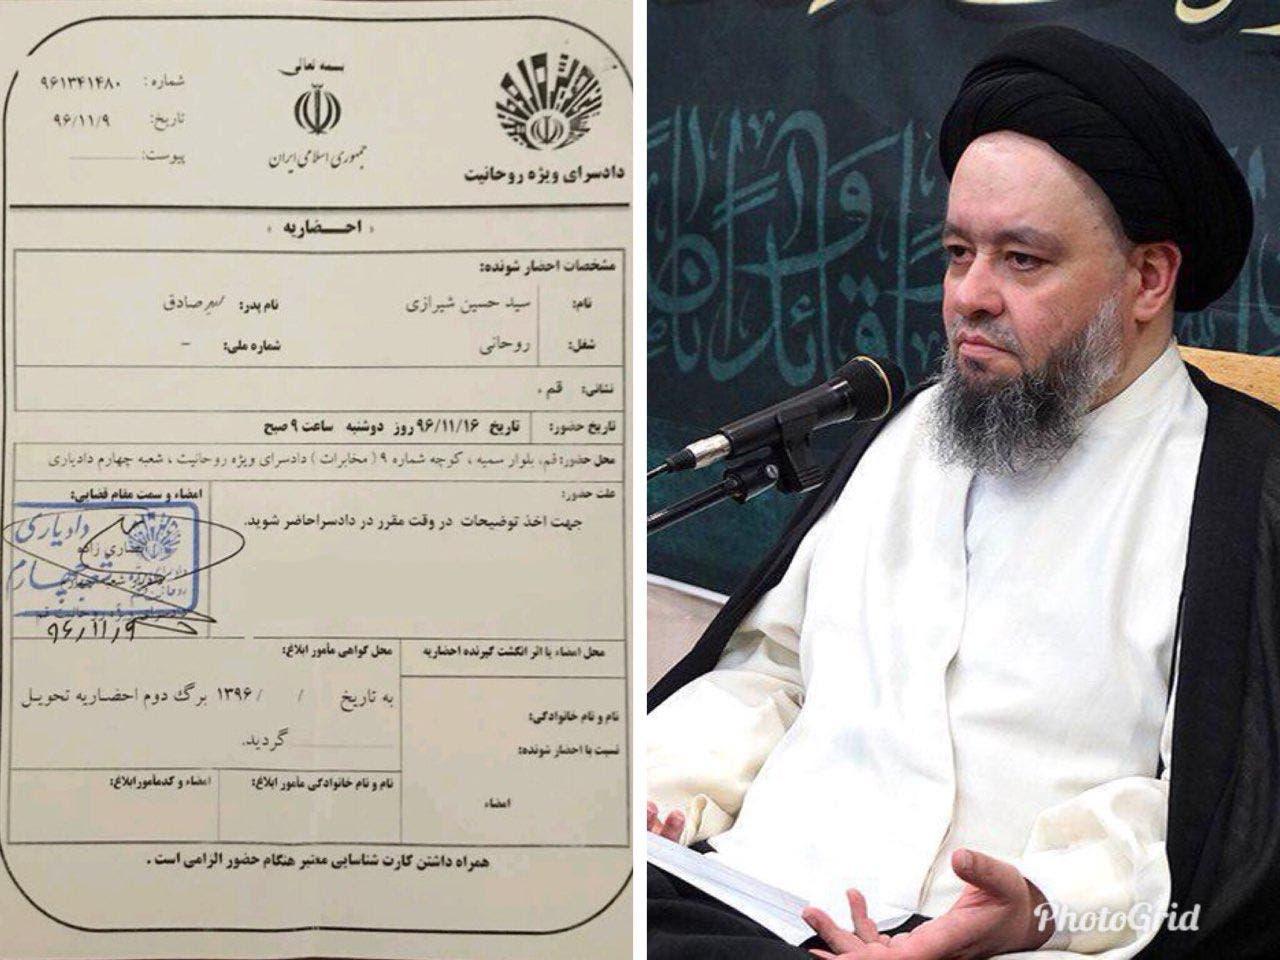 حکم بازداشت حسین شیرازی